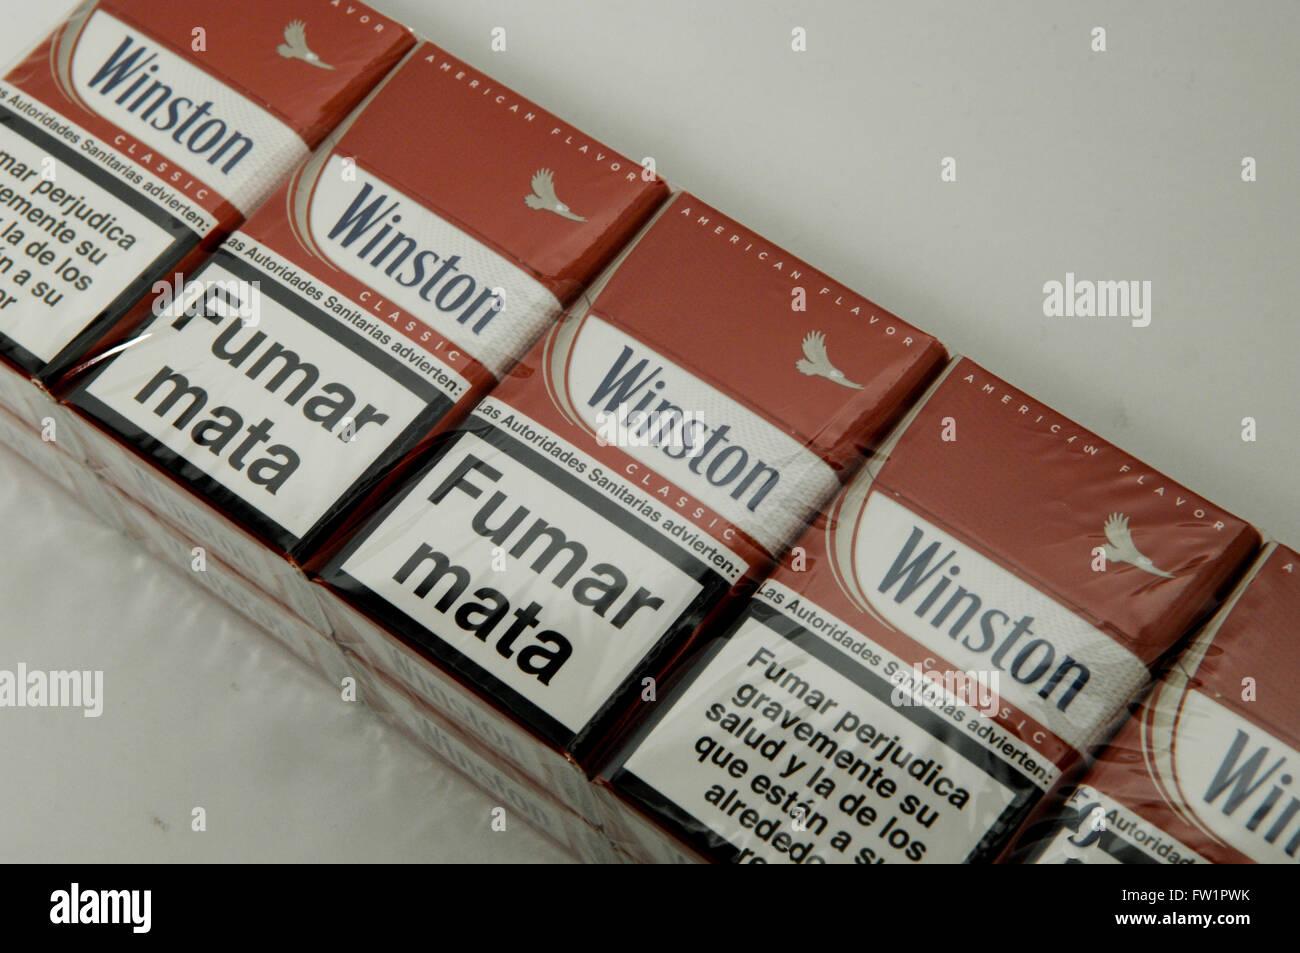 cartouche de cigarettes winston classic le tabac banque d 39 images photo stock 101458159 alamy. Black Bedroom Furniture Sets. Home Design Ideas